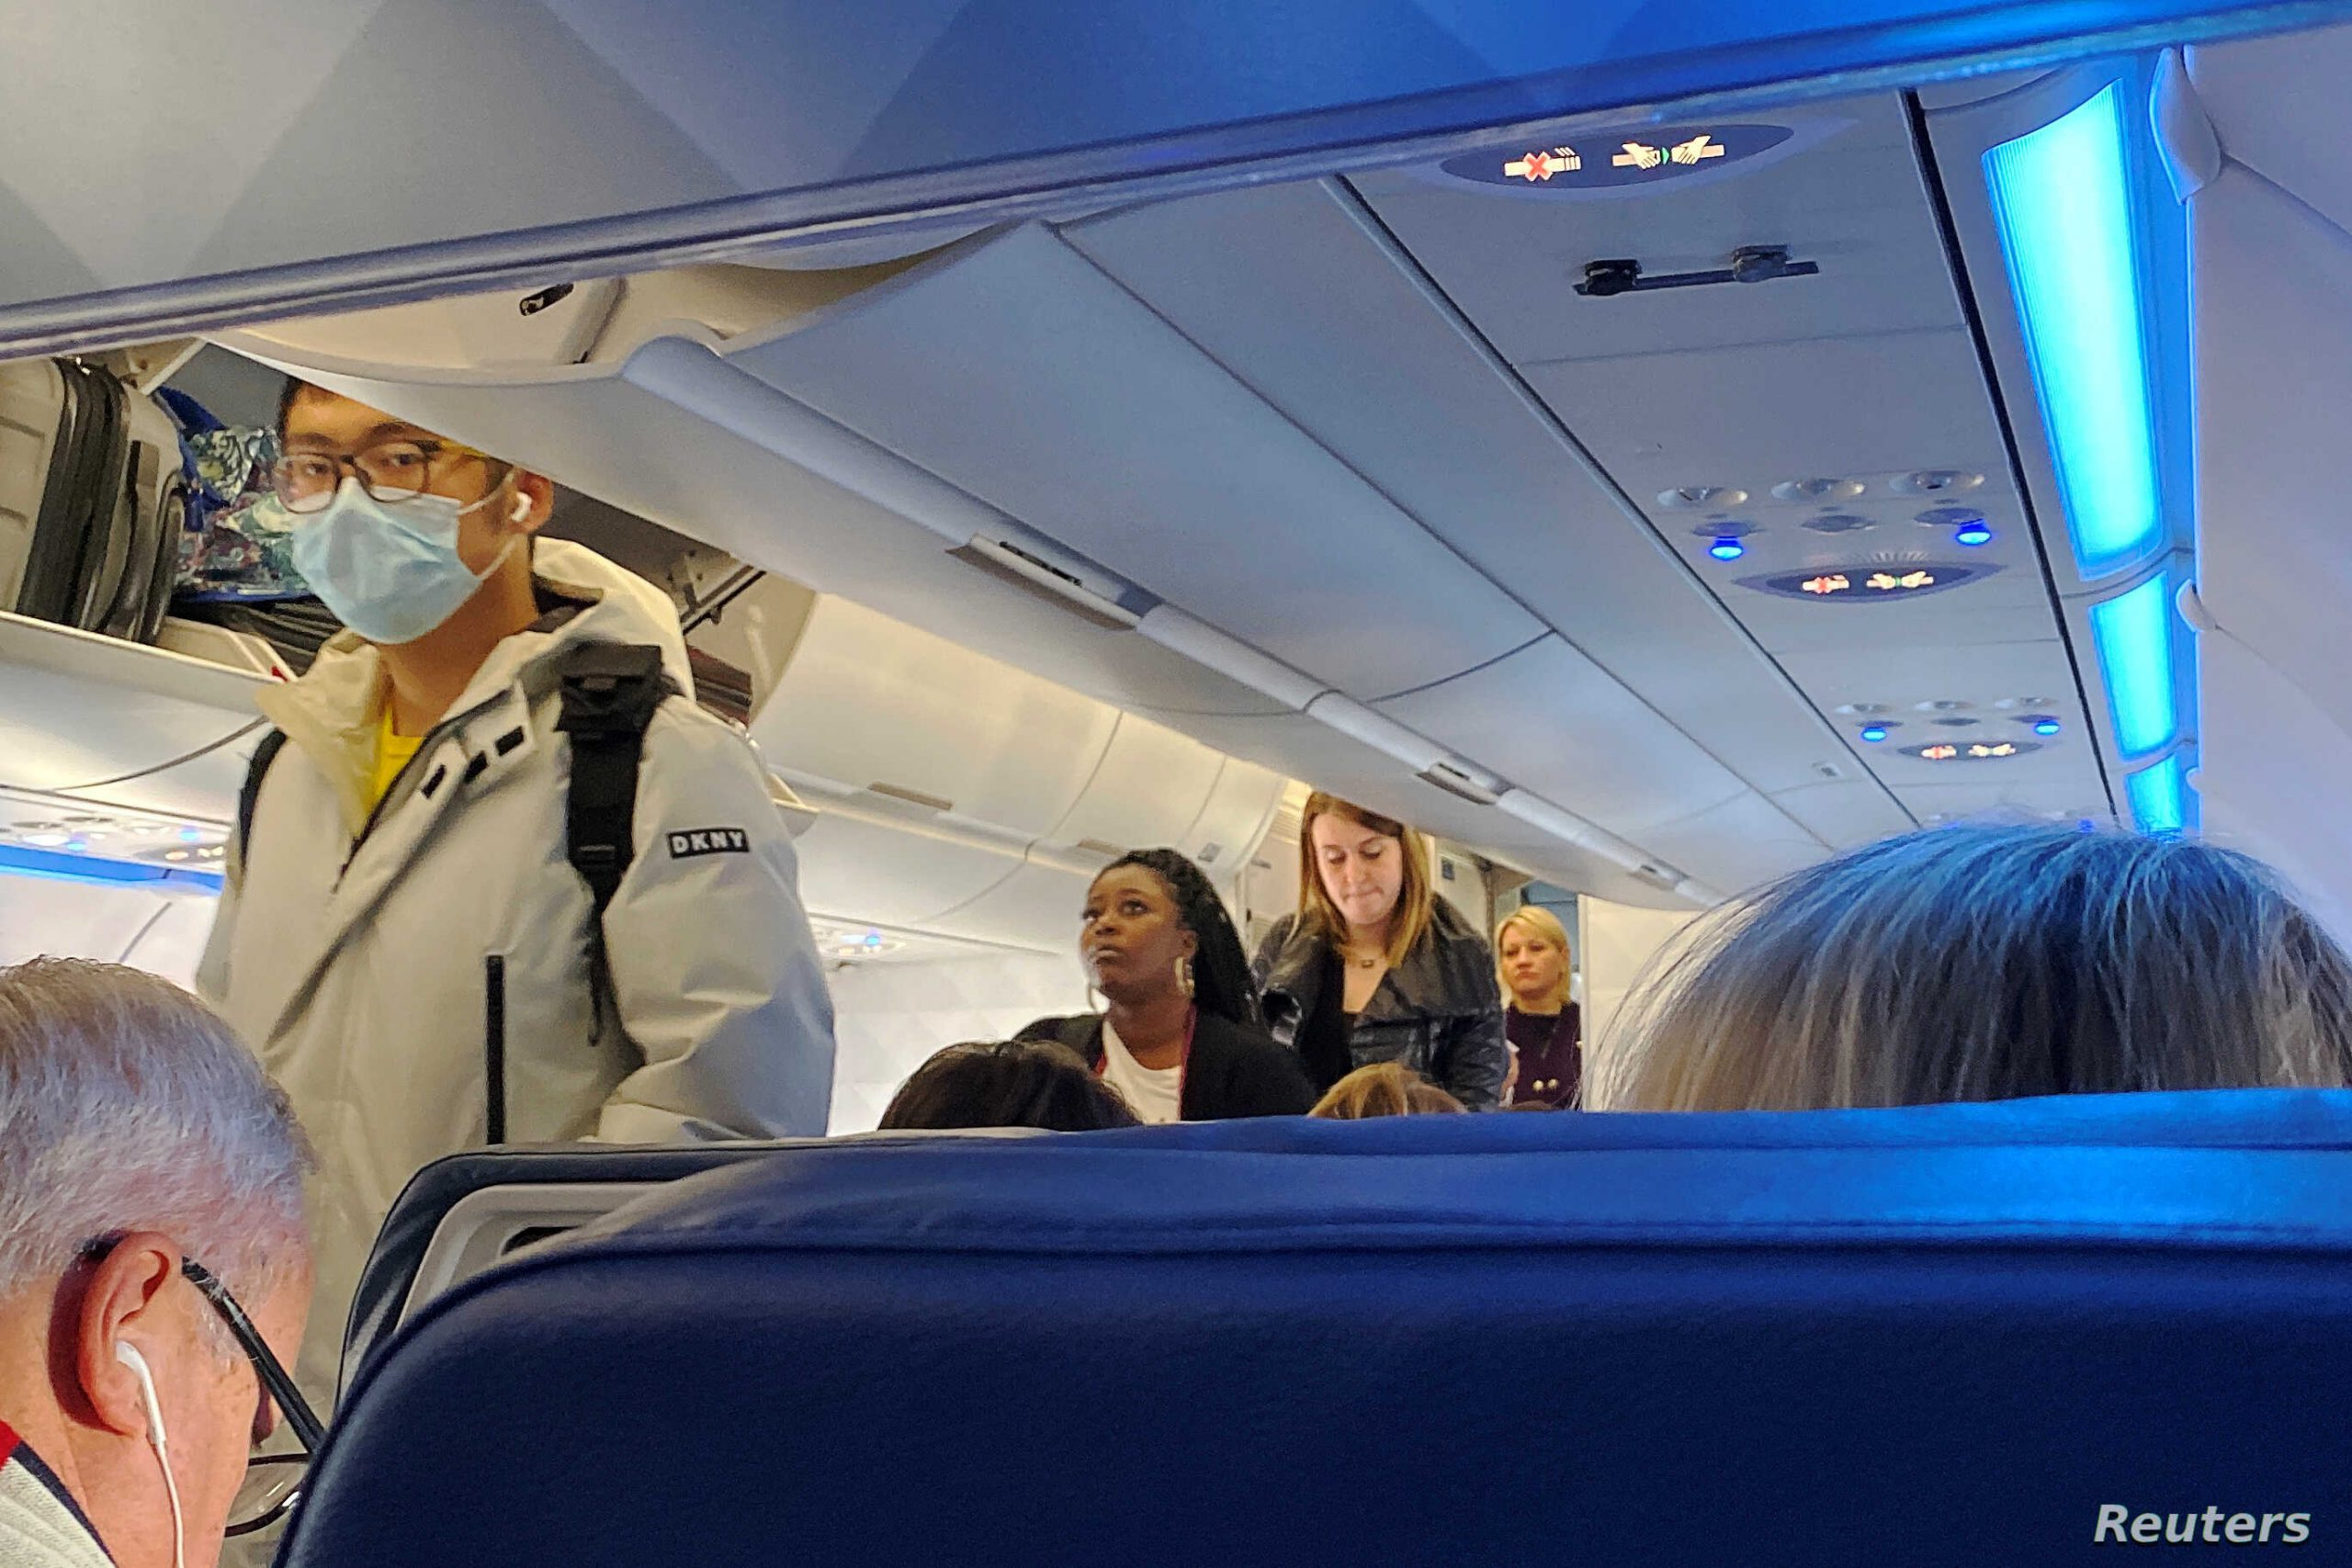 redusere smittefaren på flyreiser med munnbind